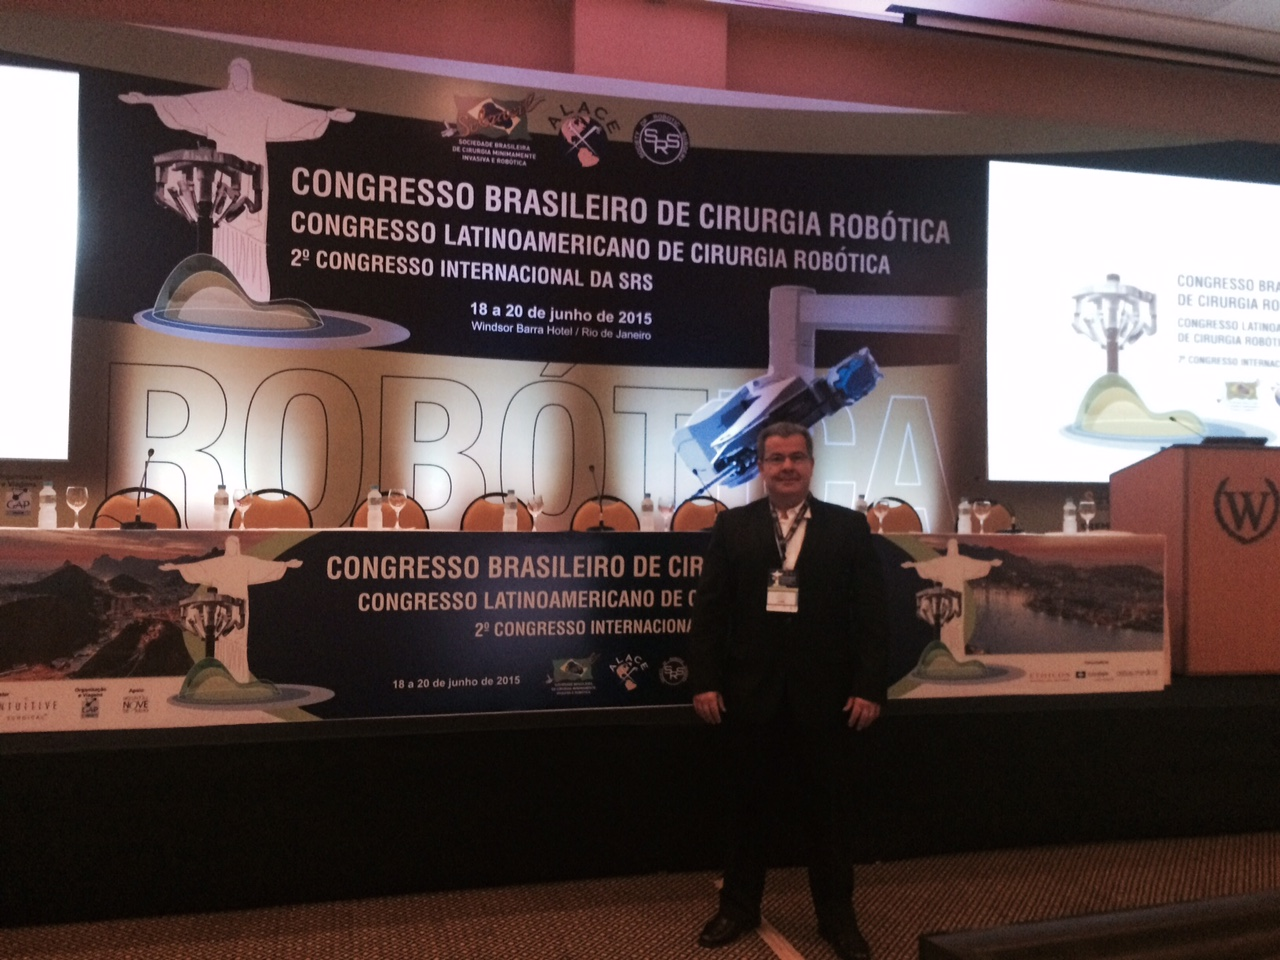 Congresso Brasileiro de Cirurgia Robótica 2015